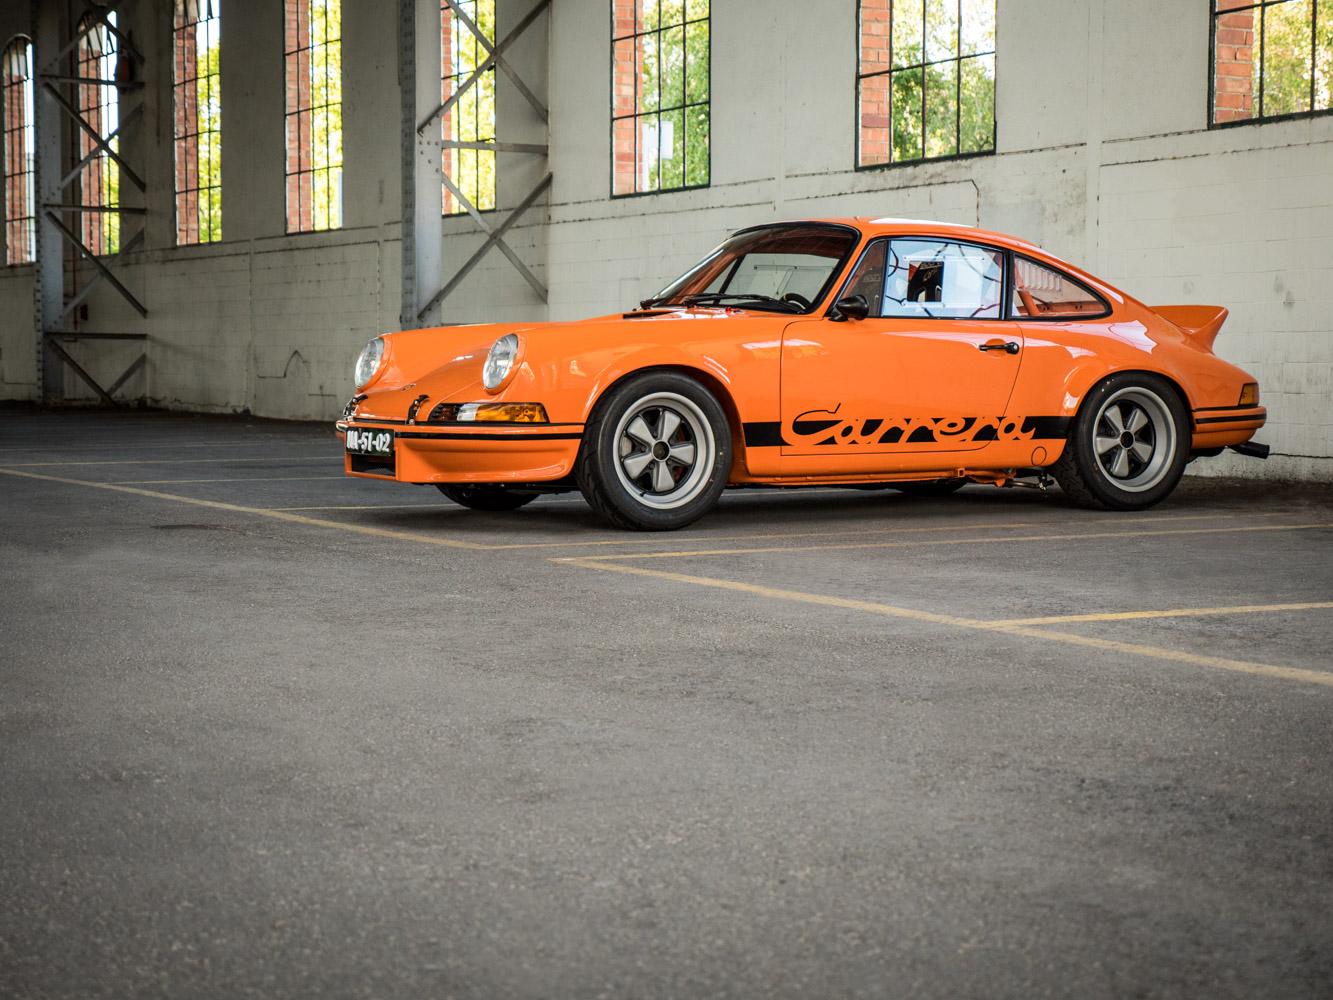 1969 Porsche 911 Carrera - 37.jpg.jpg